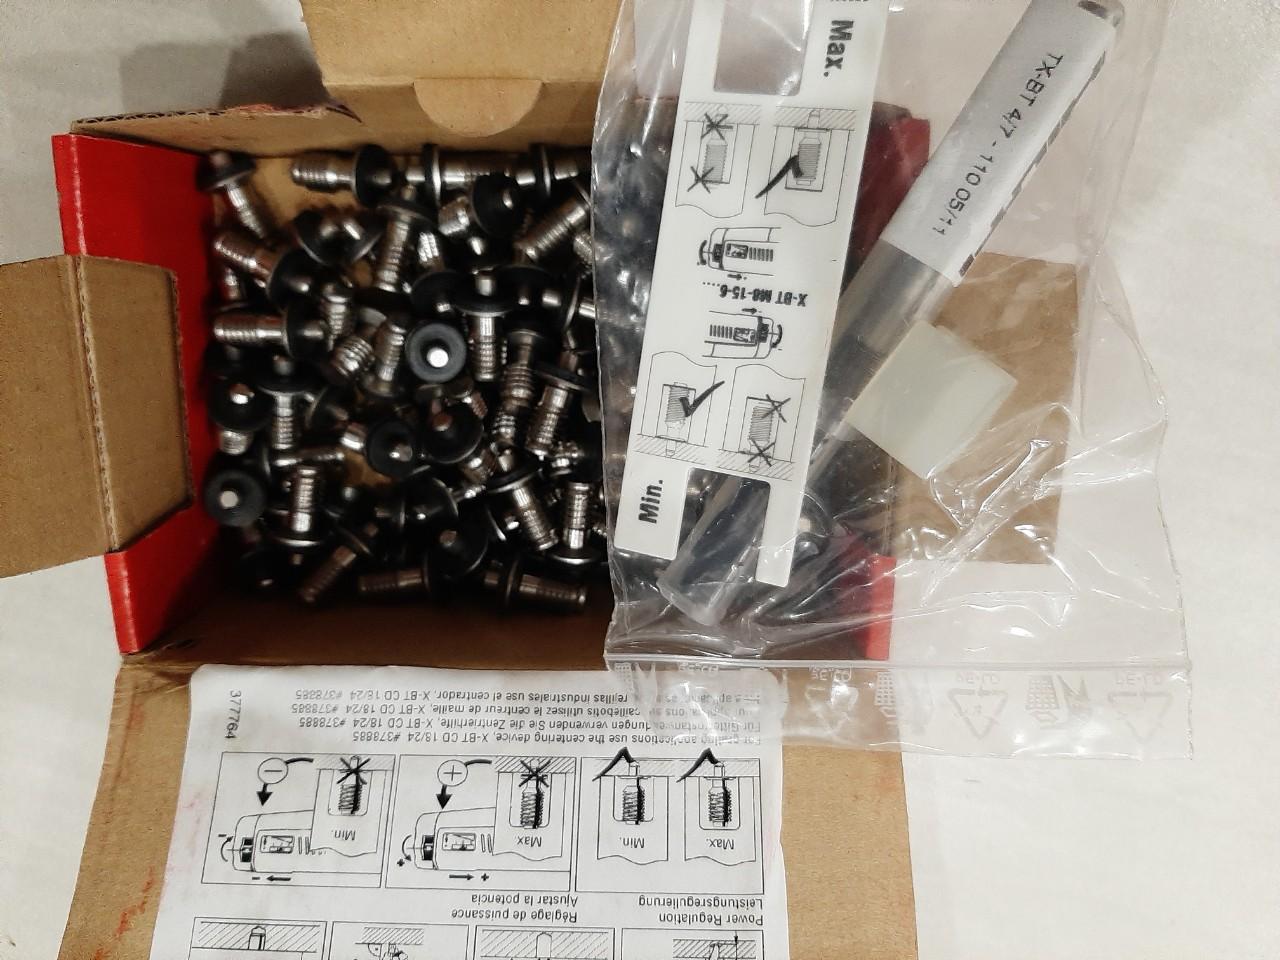 Vít cấy Hilti X-BT M8-15-6 SN12-R #377074